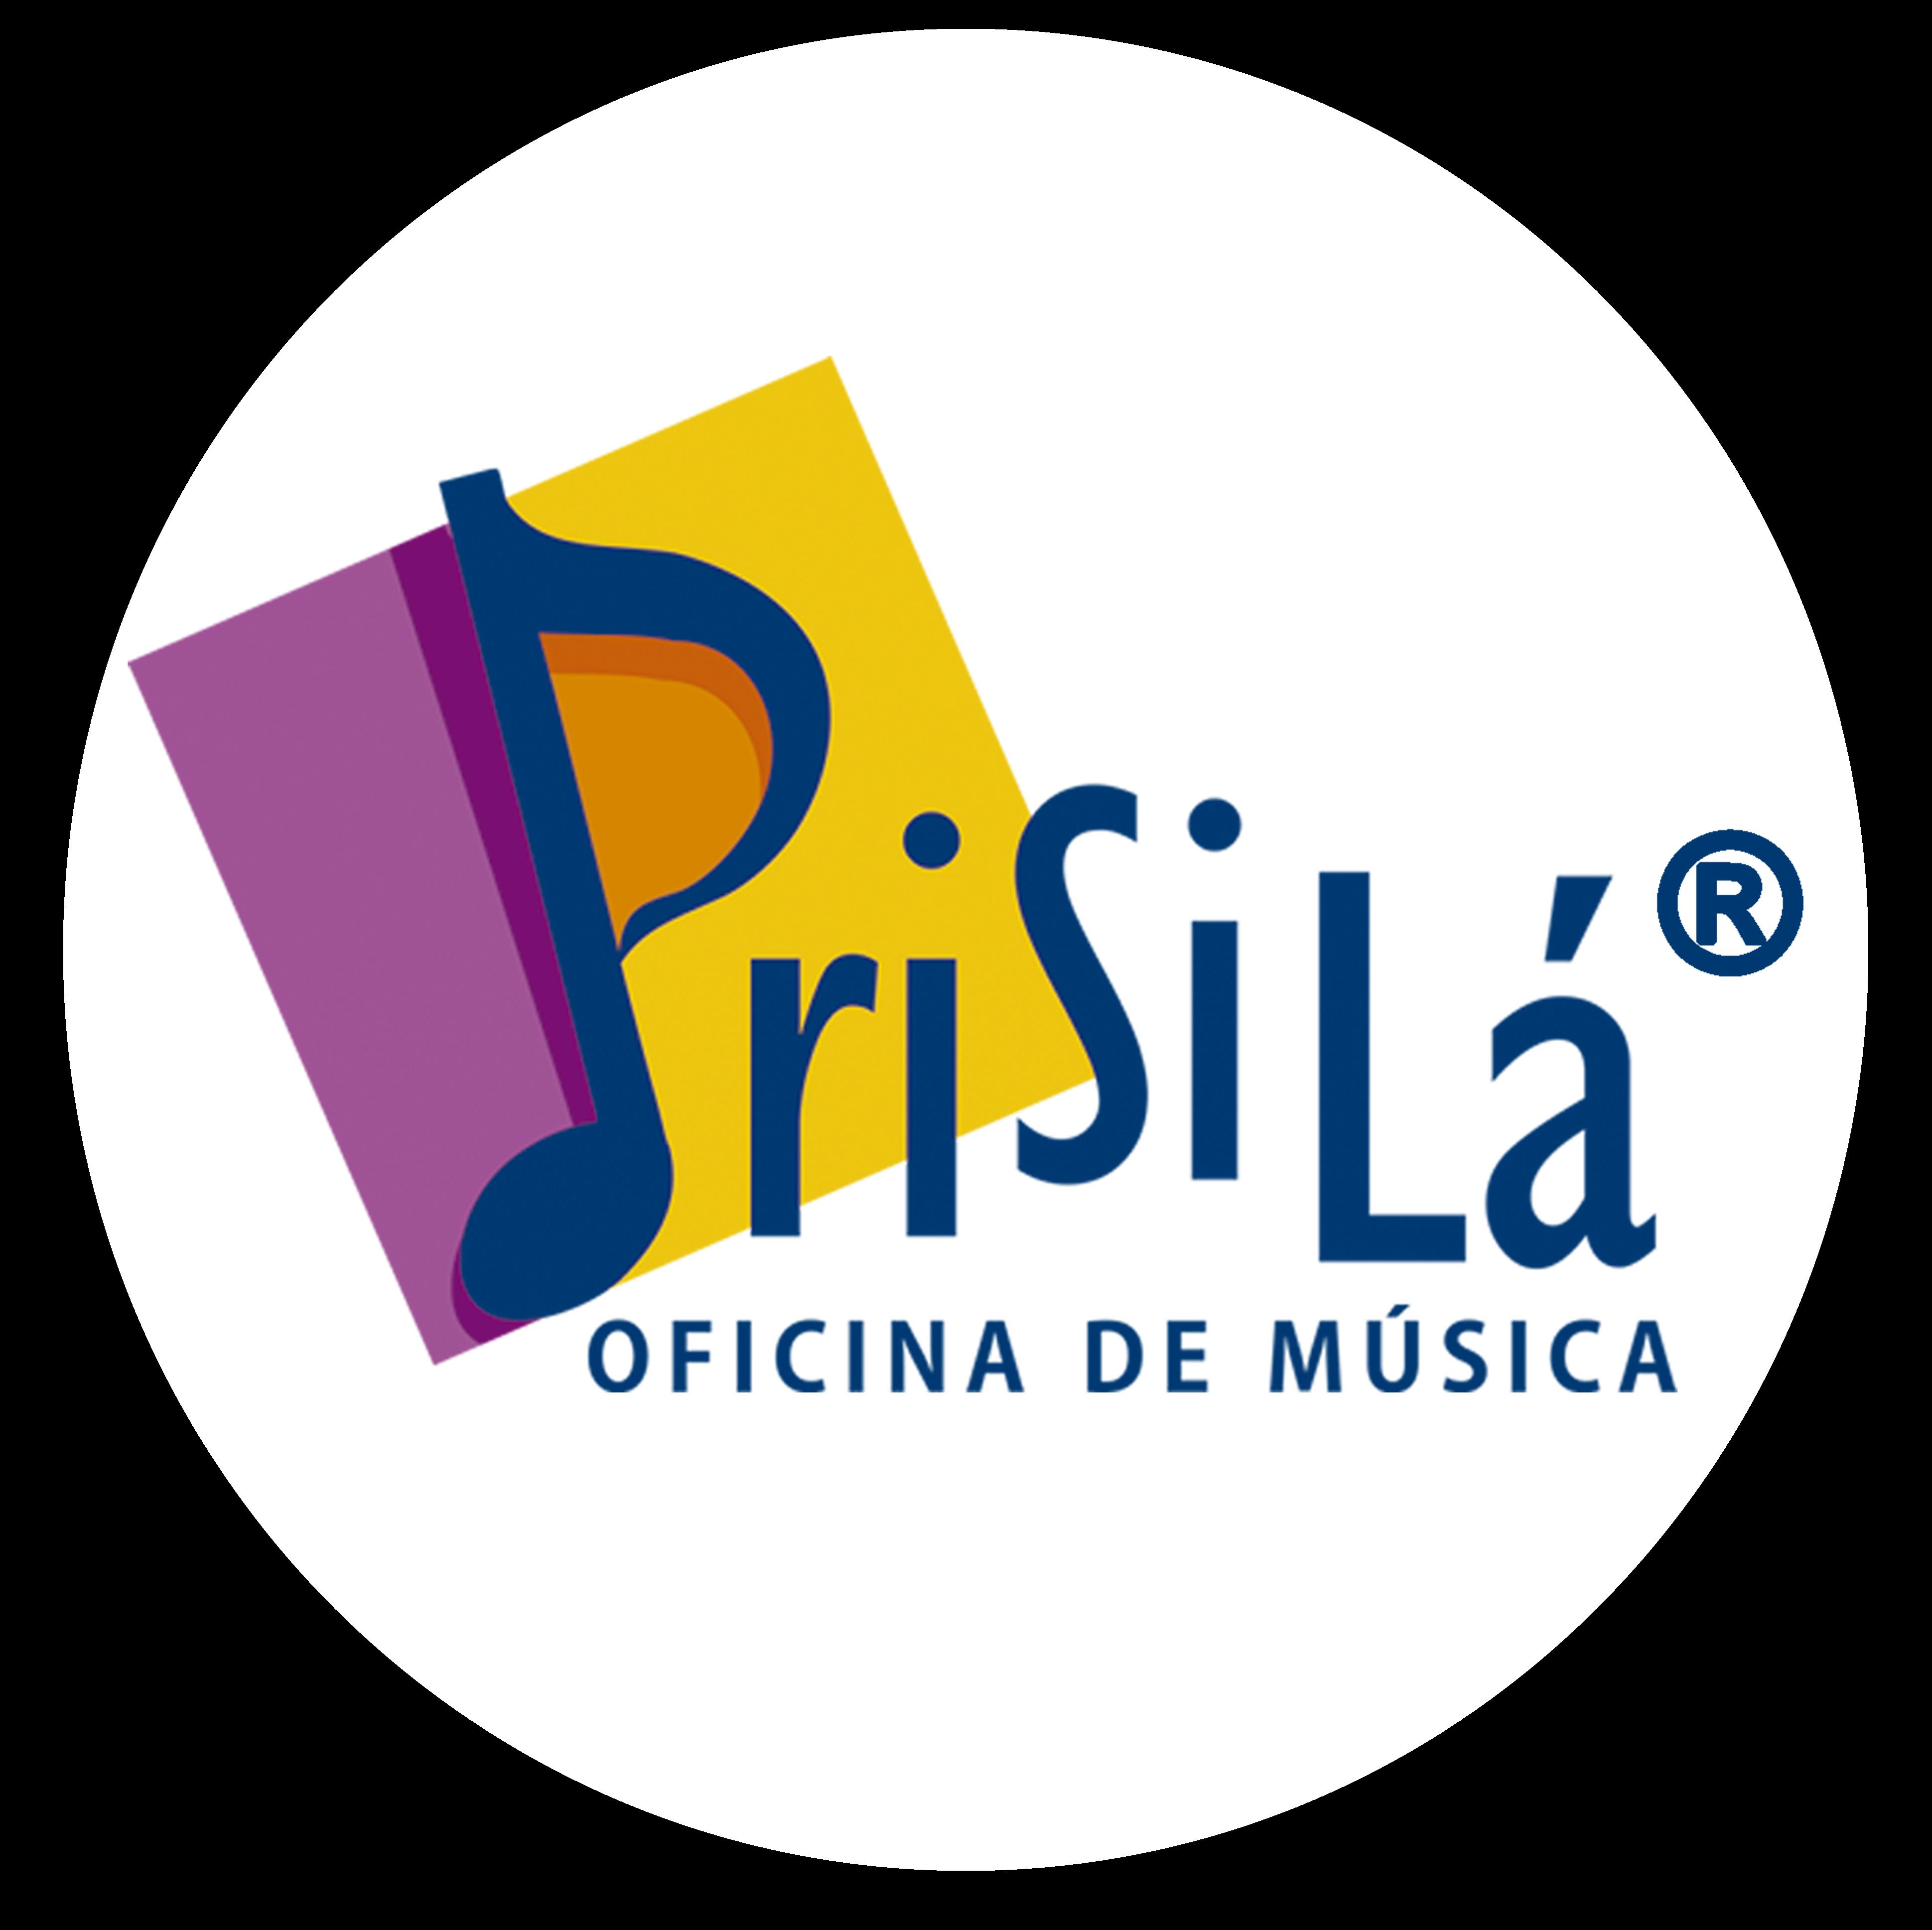 Prisila